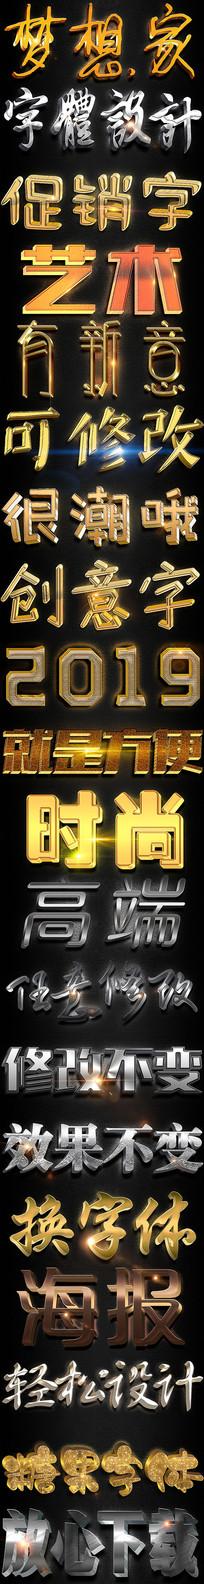 炫酷3d字体样式 PSD